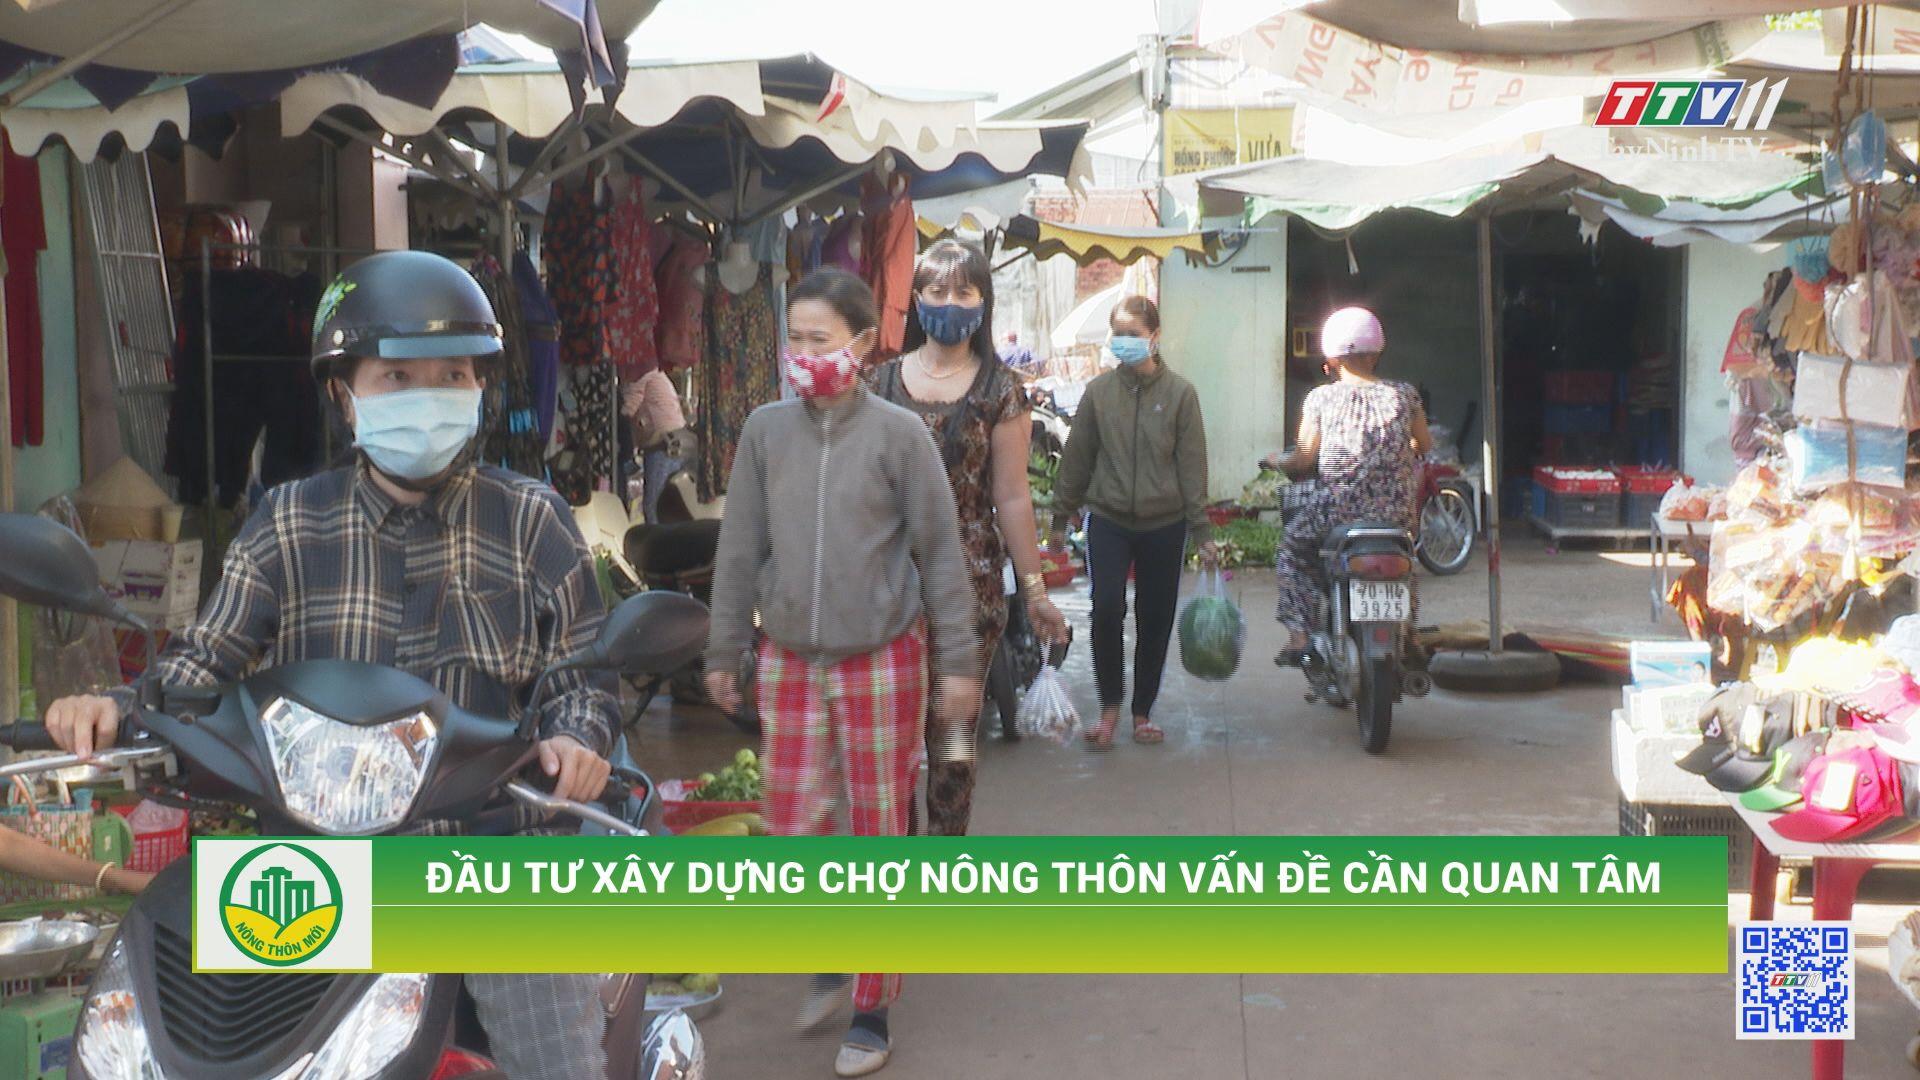 Đầu tư xây dựng chợ nông thôn vấn đề cần quan tâm   TÂY NINH XÂY DỰNG NÔNG THÔN MỚI   TayNinhTV